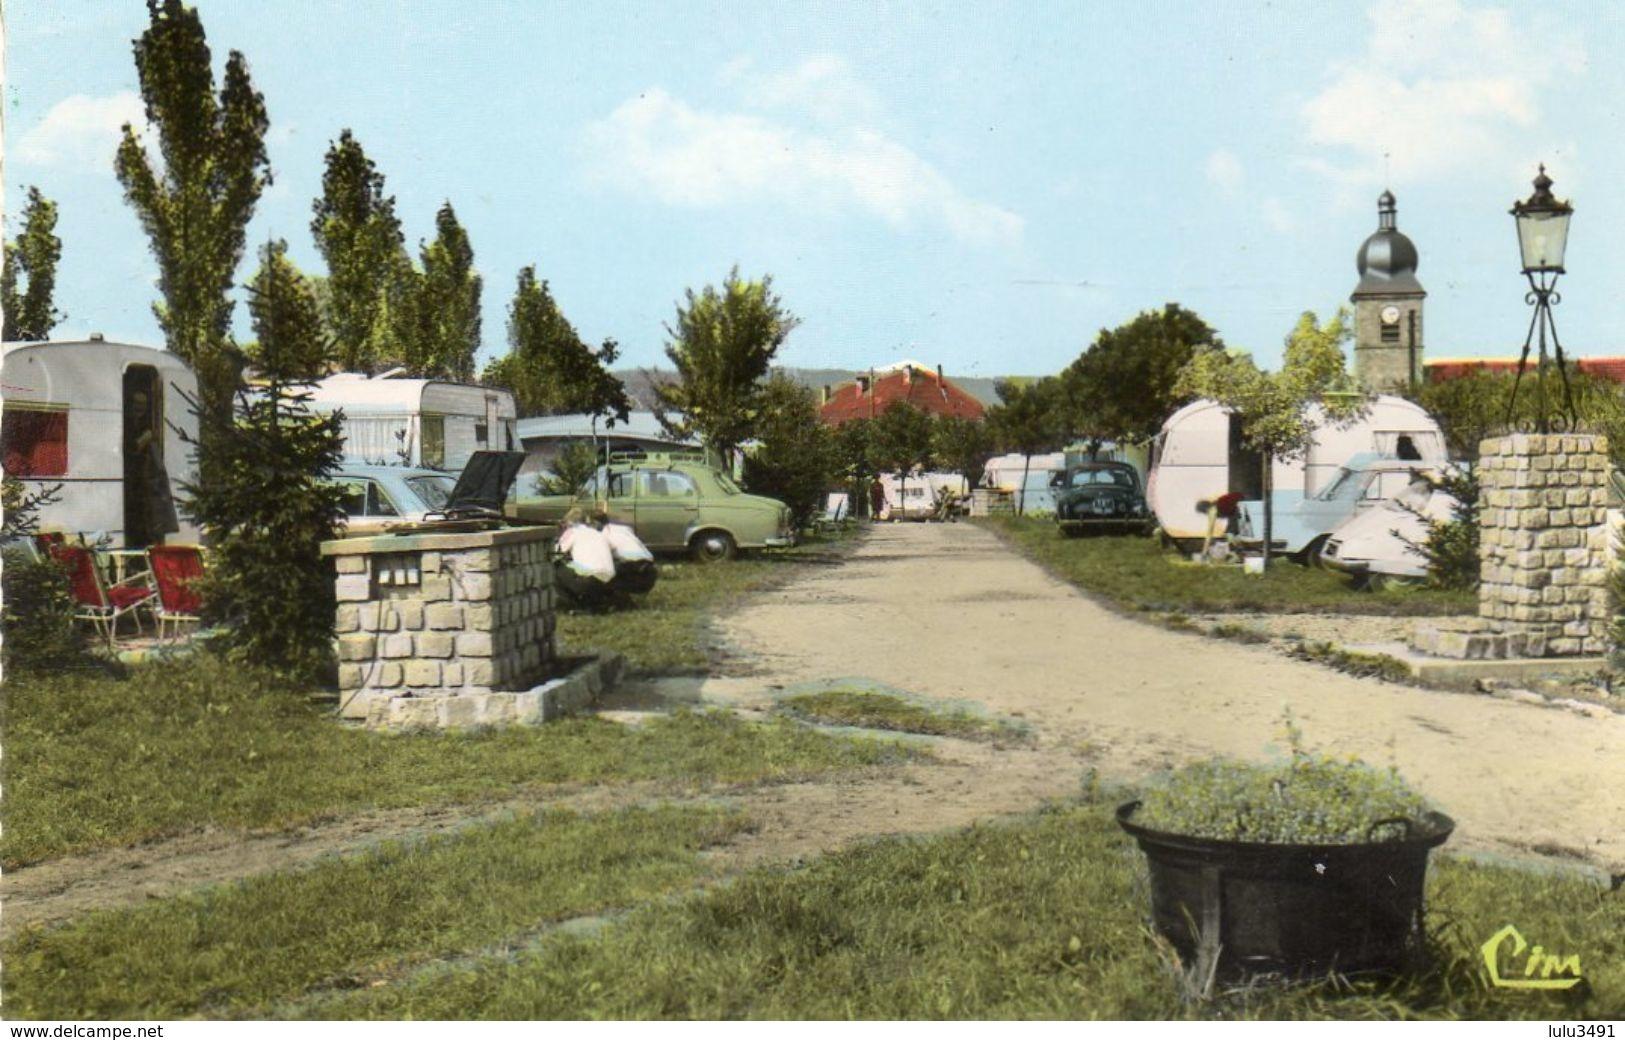 CPSM Dentelée - CORCIEUX (88) - Aspect Du Camping Du Camp De La Tour - Corcieux